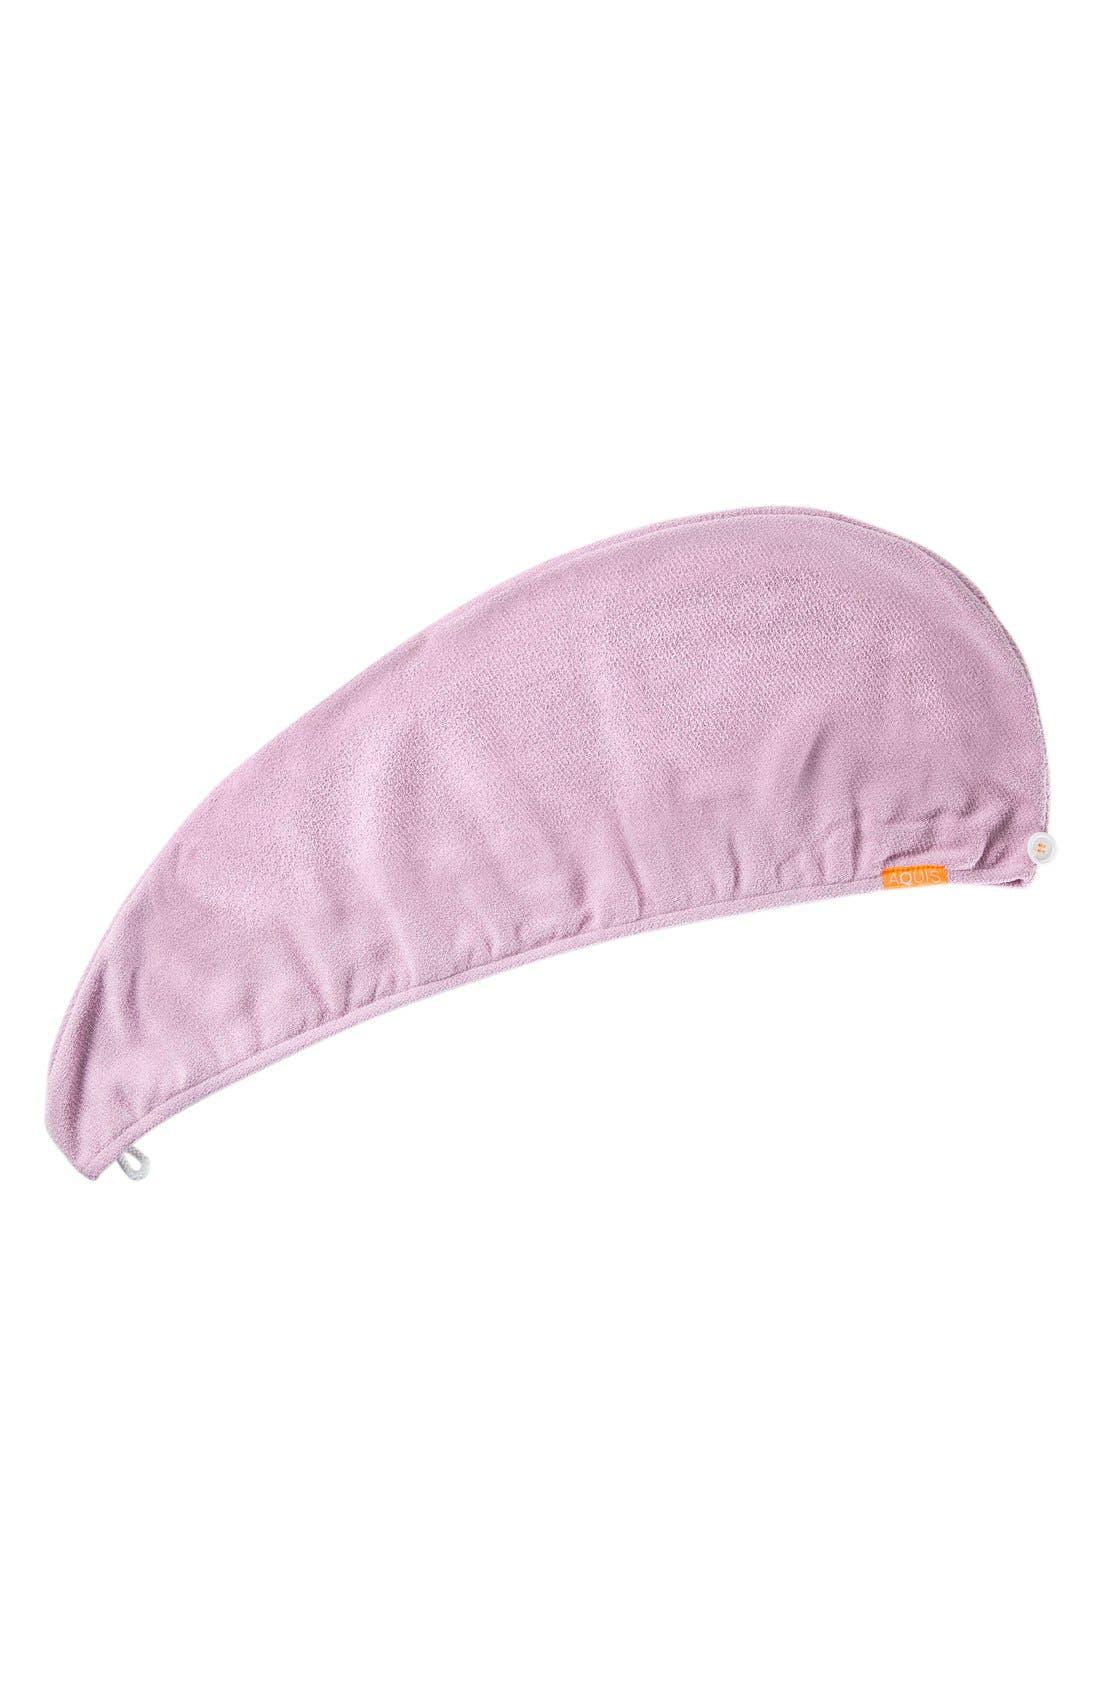 Lisse Luxe Desert Rose Hair Turban,                             Alternate thumbnail 5, color,                             DESERT ROSE